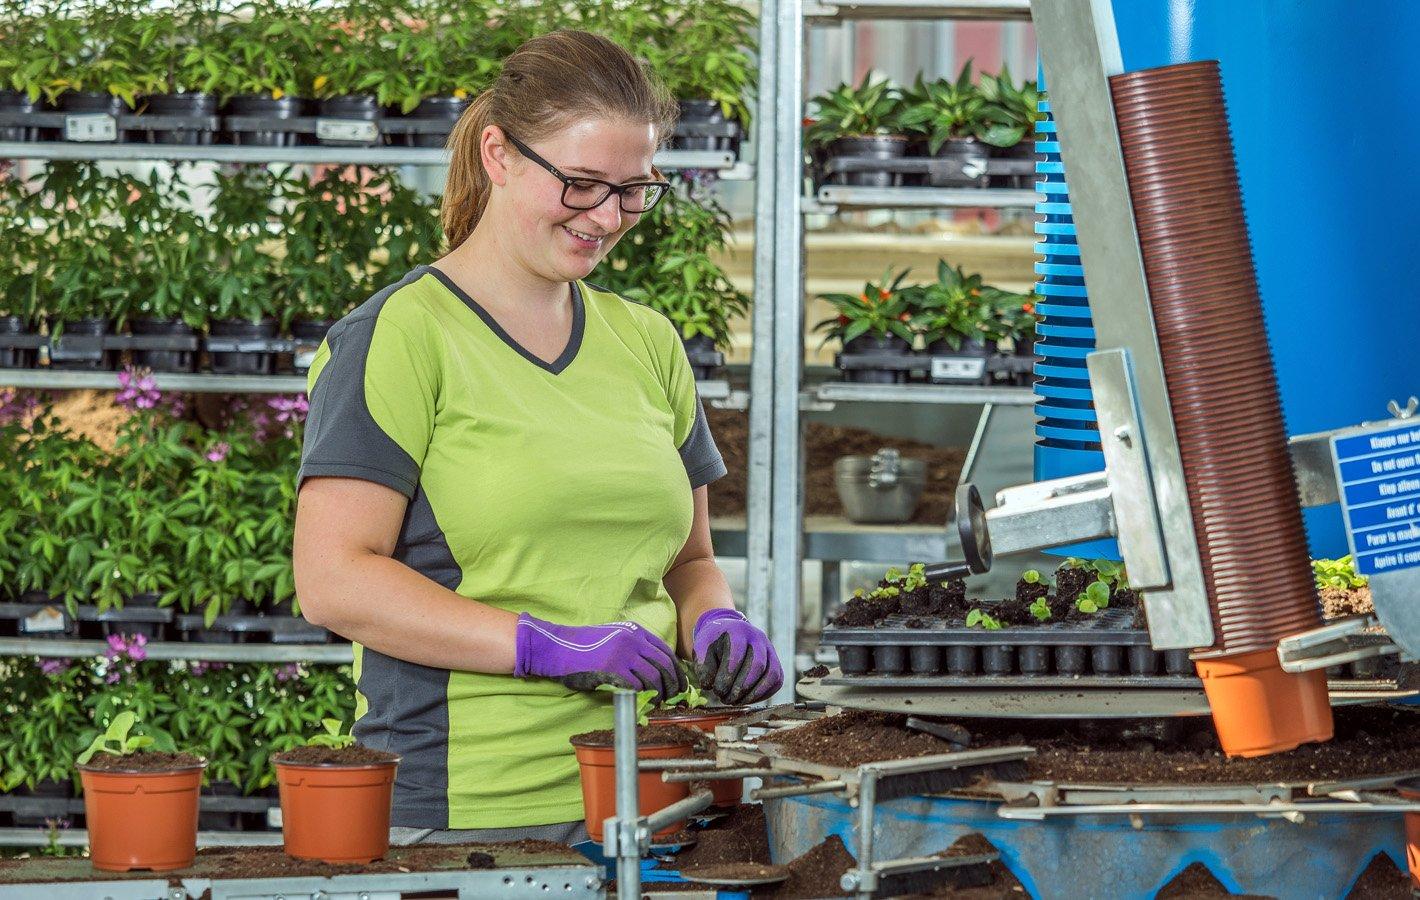 Berufswerbung Zierpflanzen2